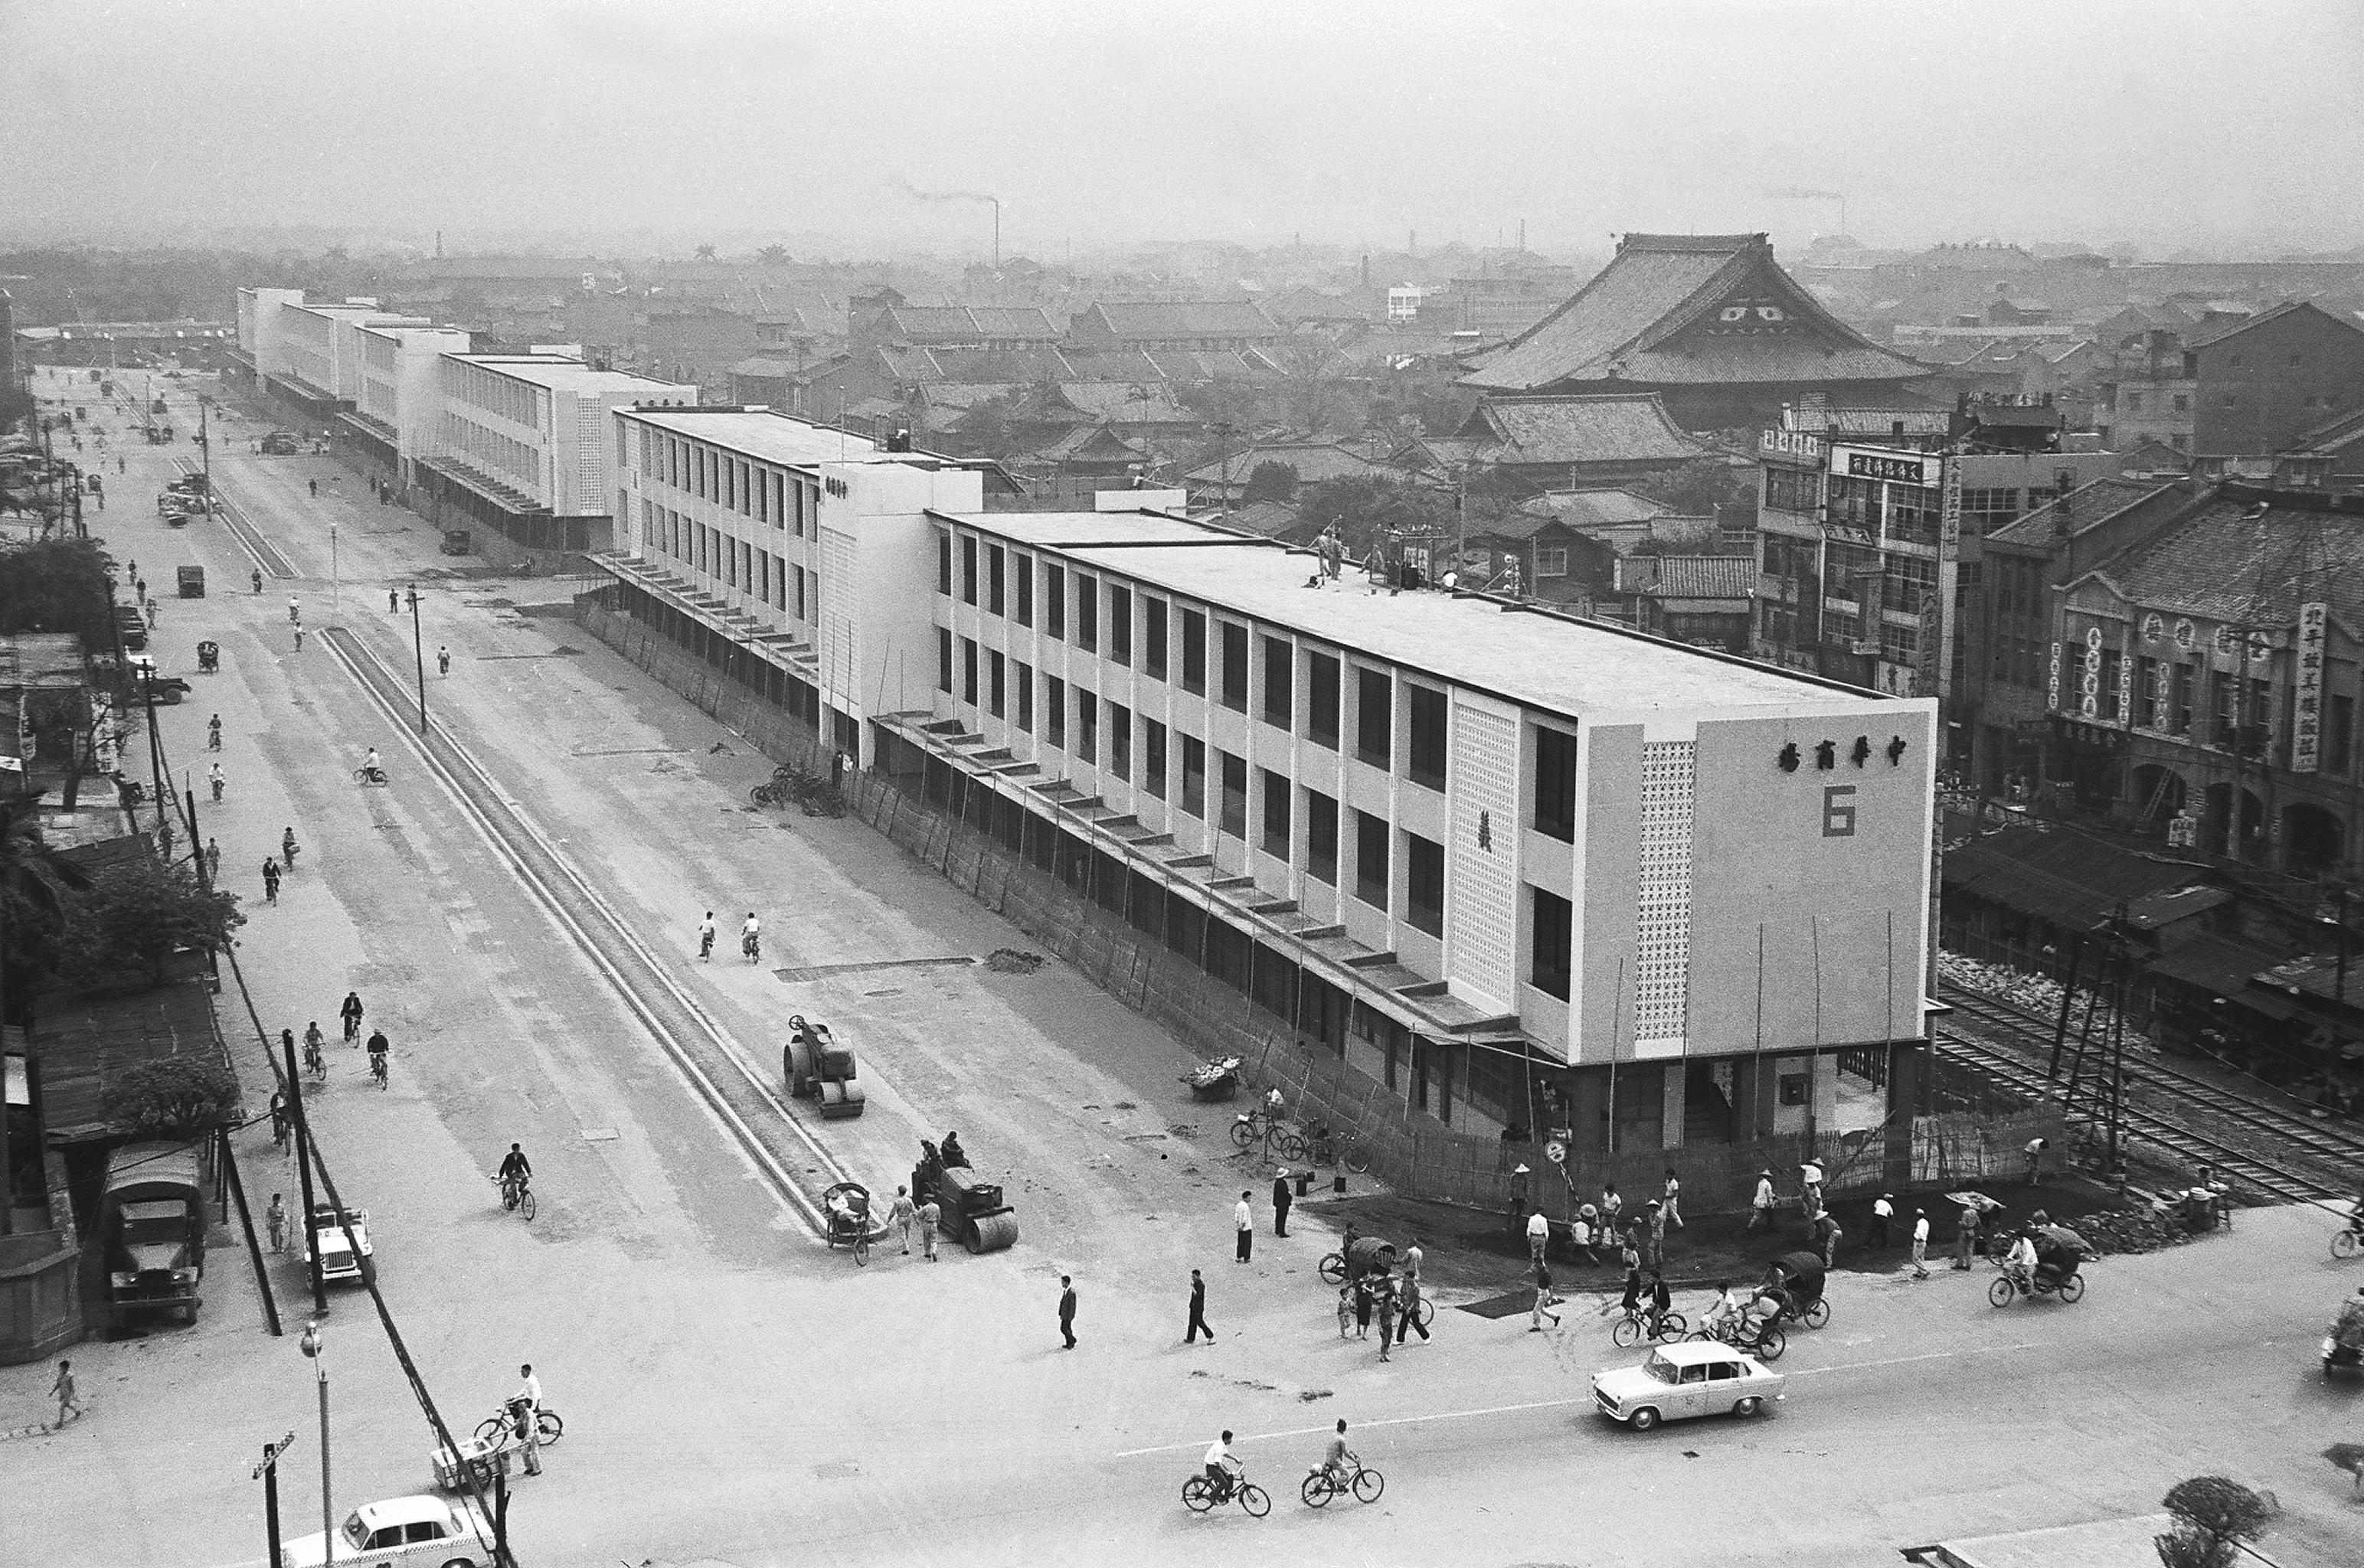 由南向北鳥瞰1961年落成啟用的中華商場,左方為中華路,右方是鐵道,高聳的屋頂是西本願寺。(另開視窗)